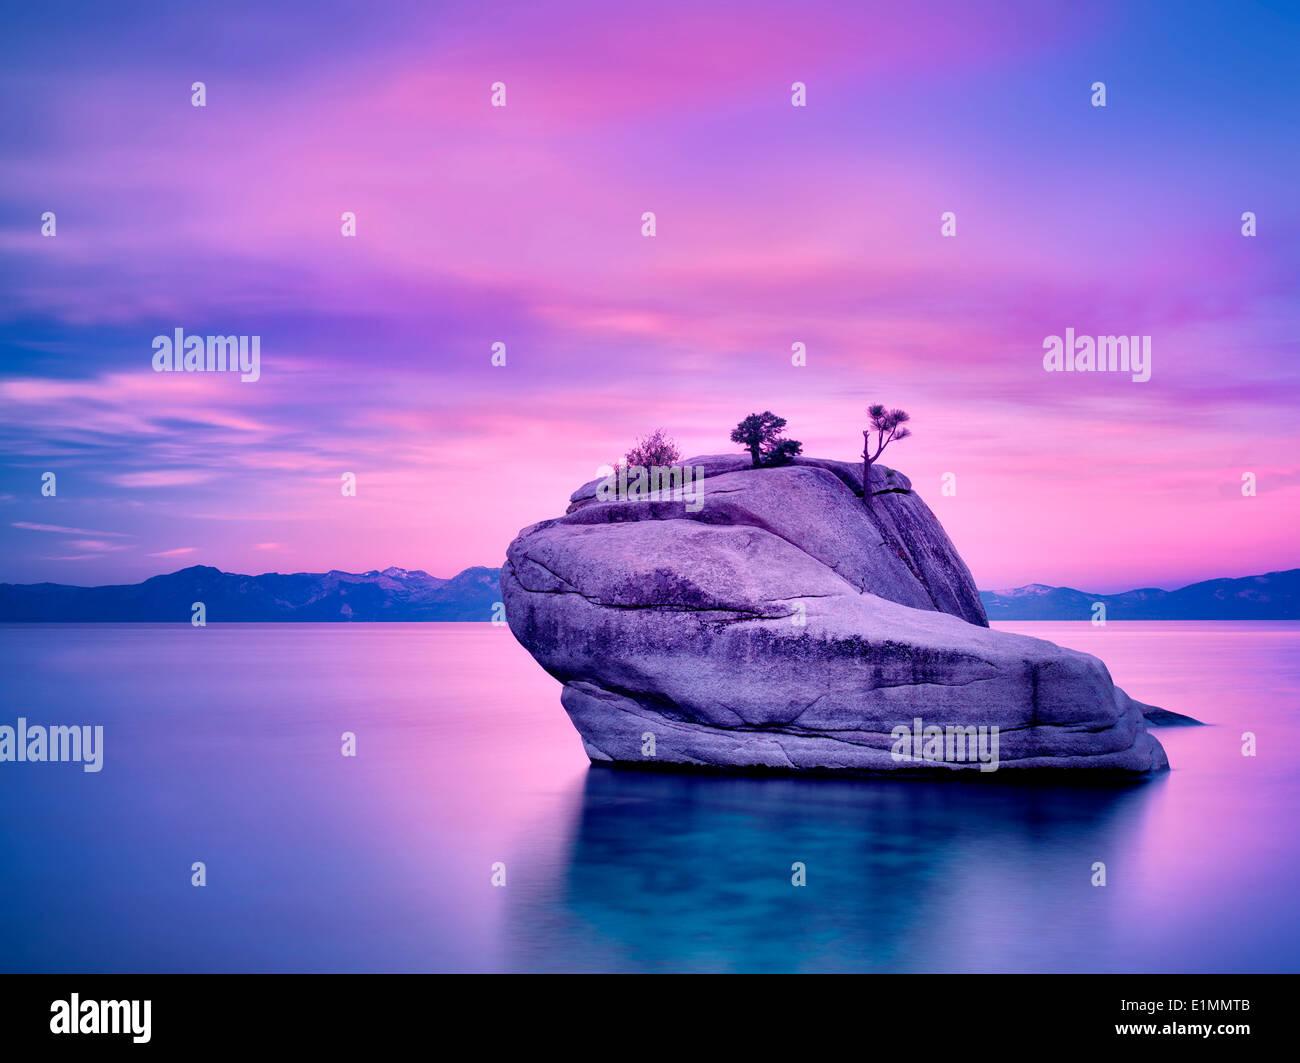 Bonsai tree on boulder with sunrise. Lake Tahoe, Nevada - Stock Image